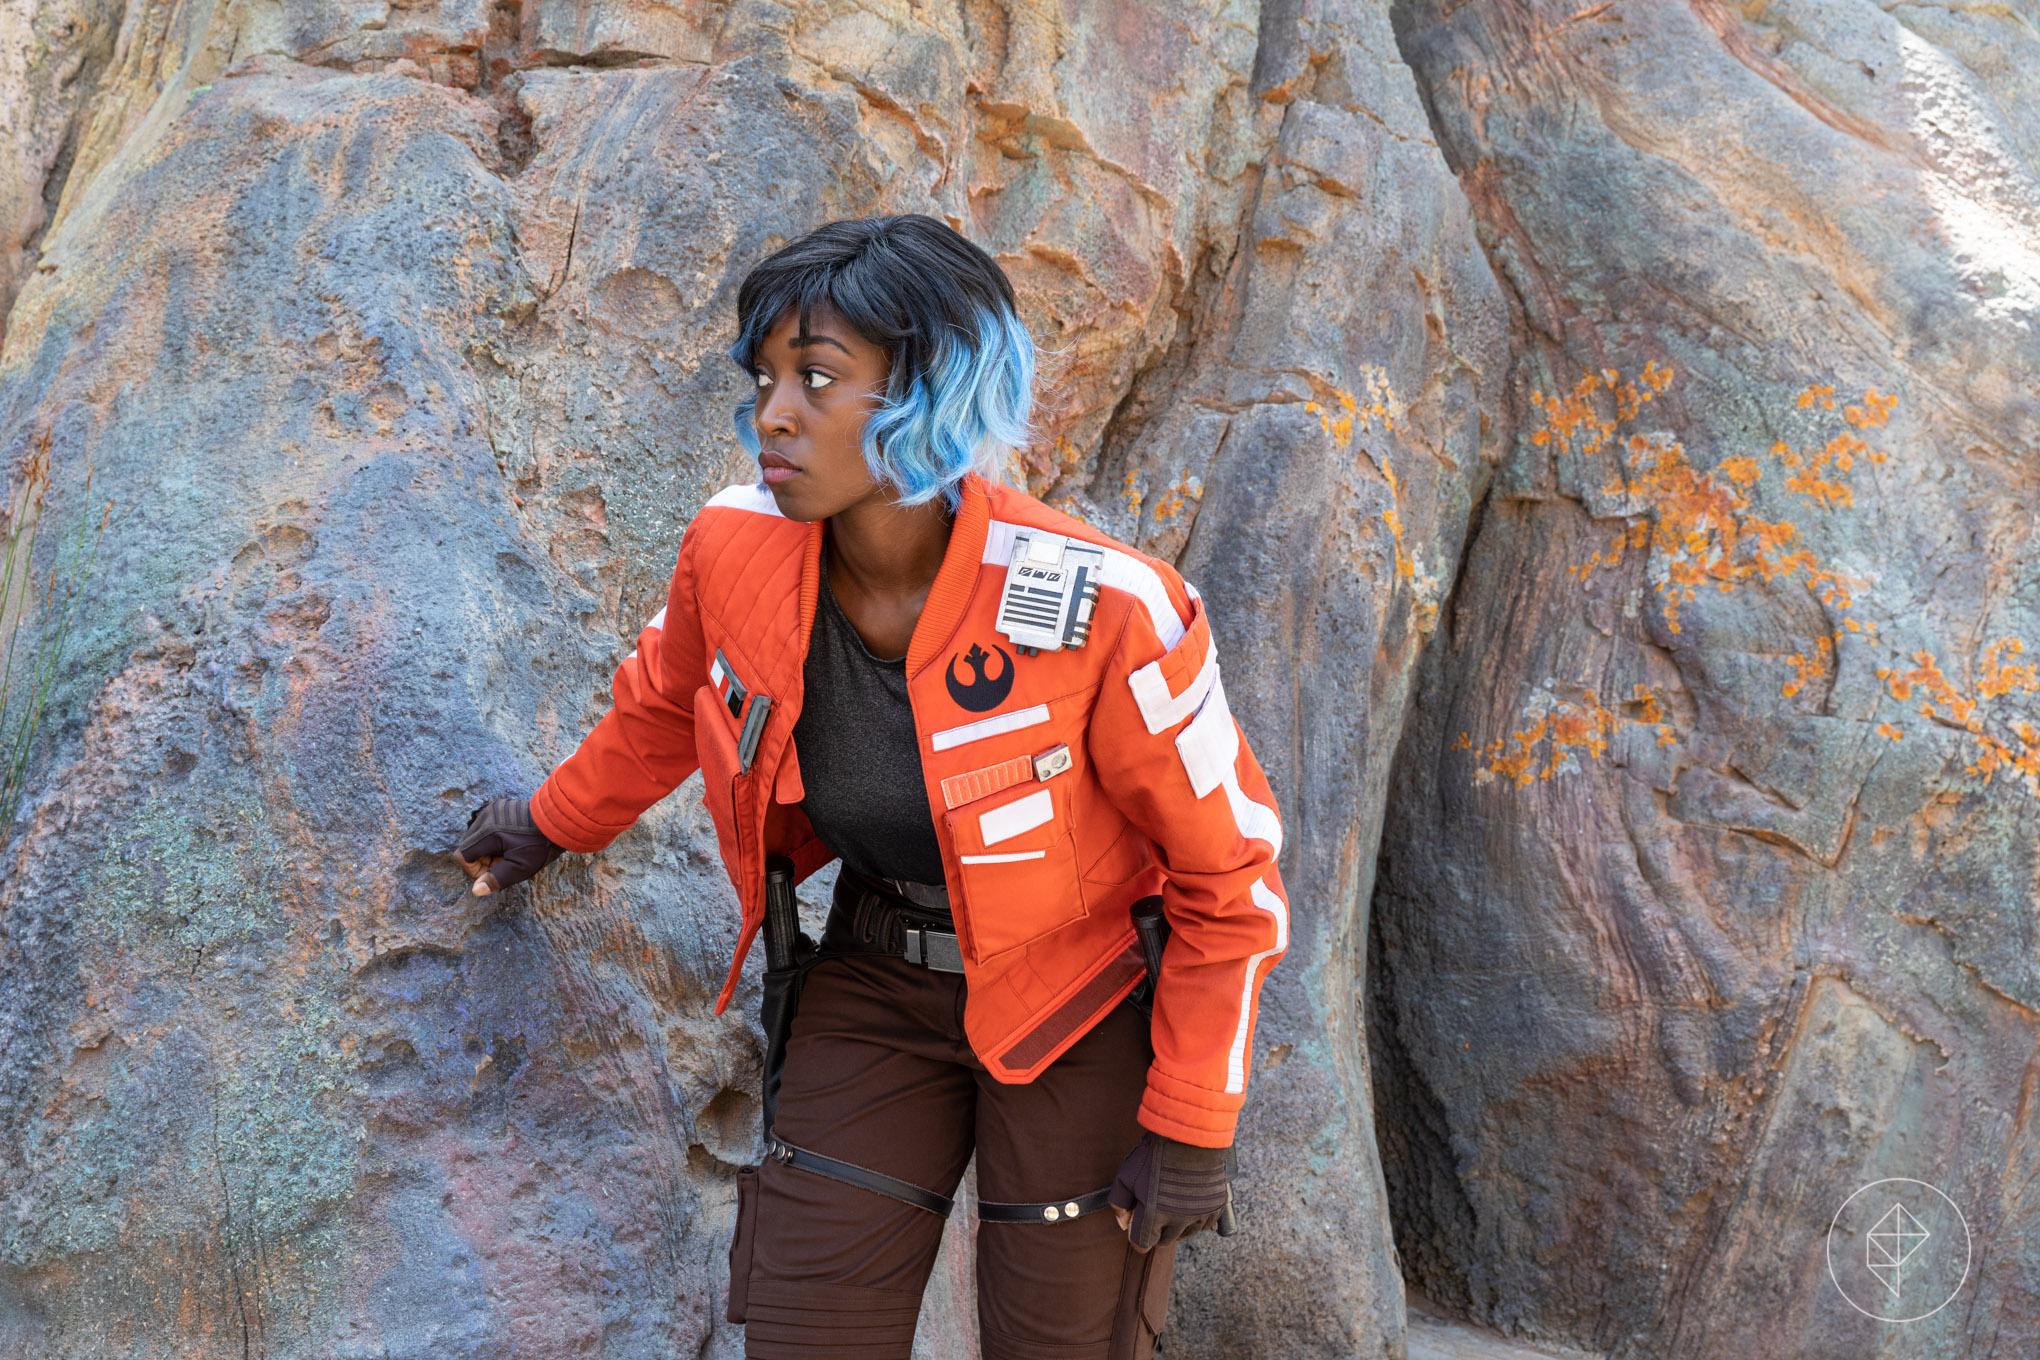 Star Wars: Galaxy's Edge visitors need to meet the land's main character, Vi Moradi